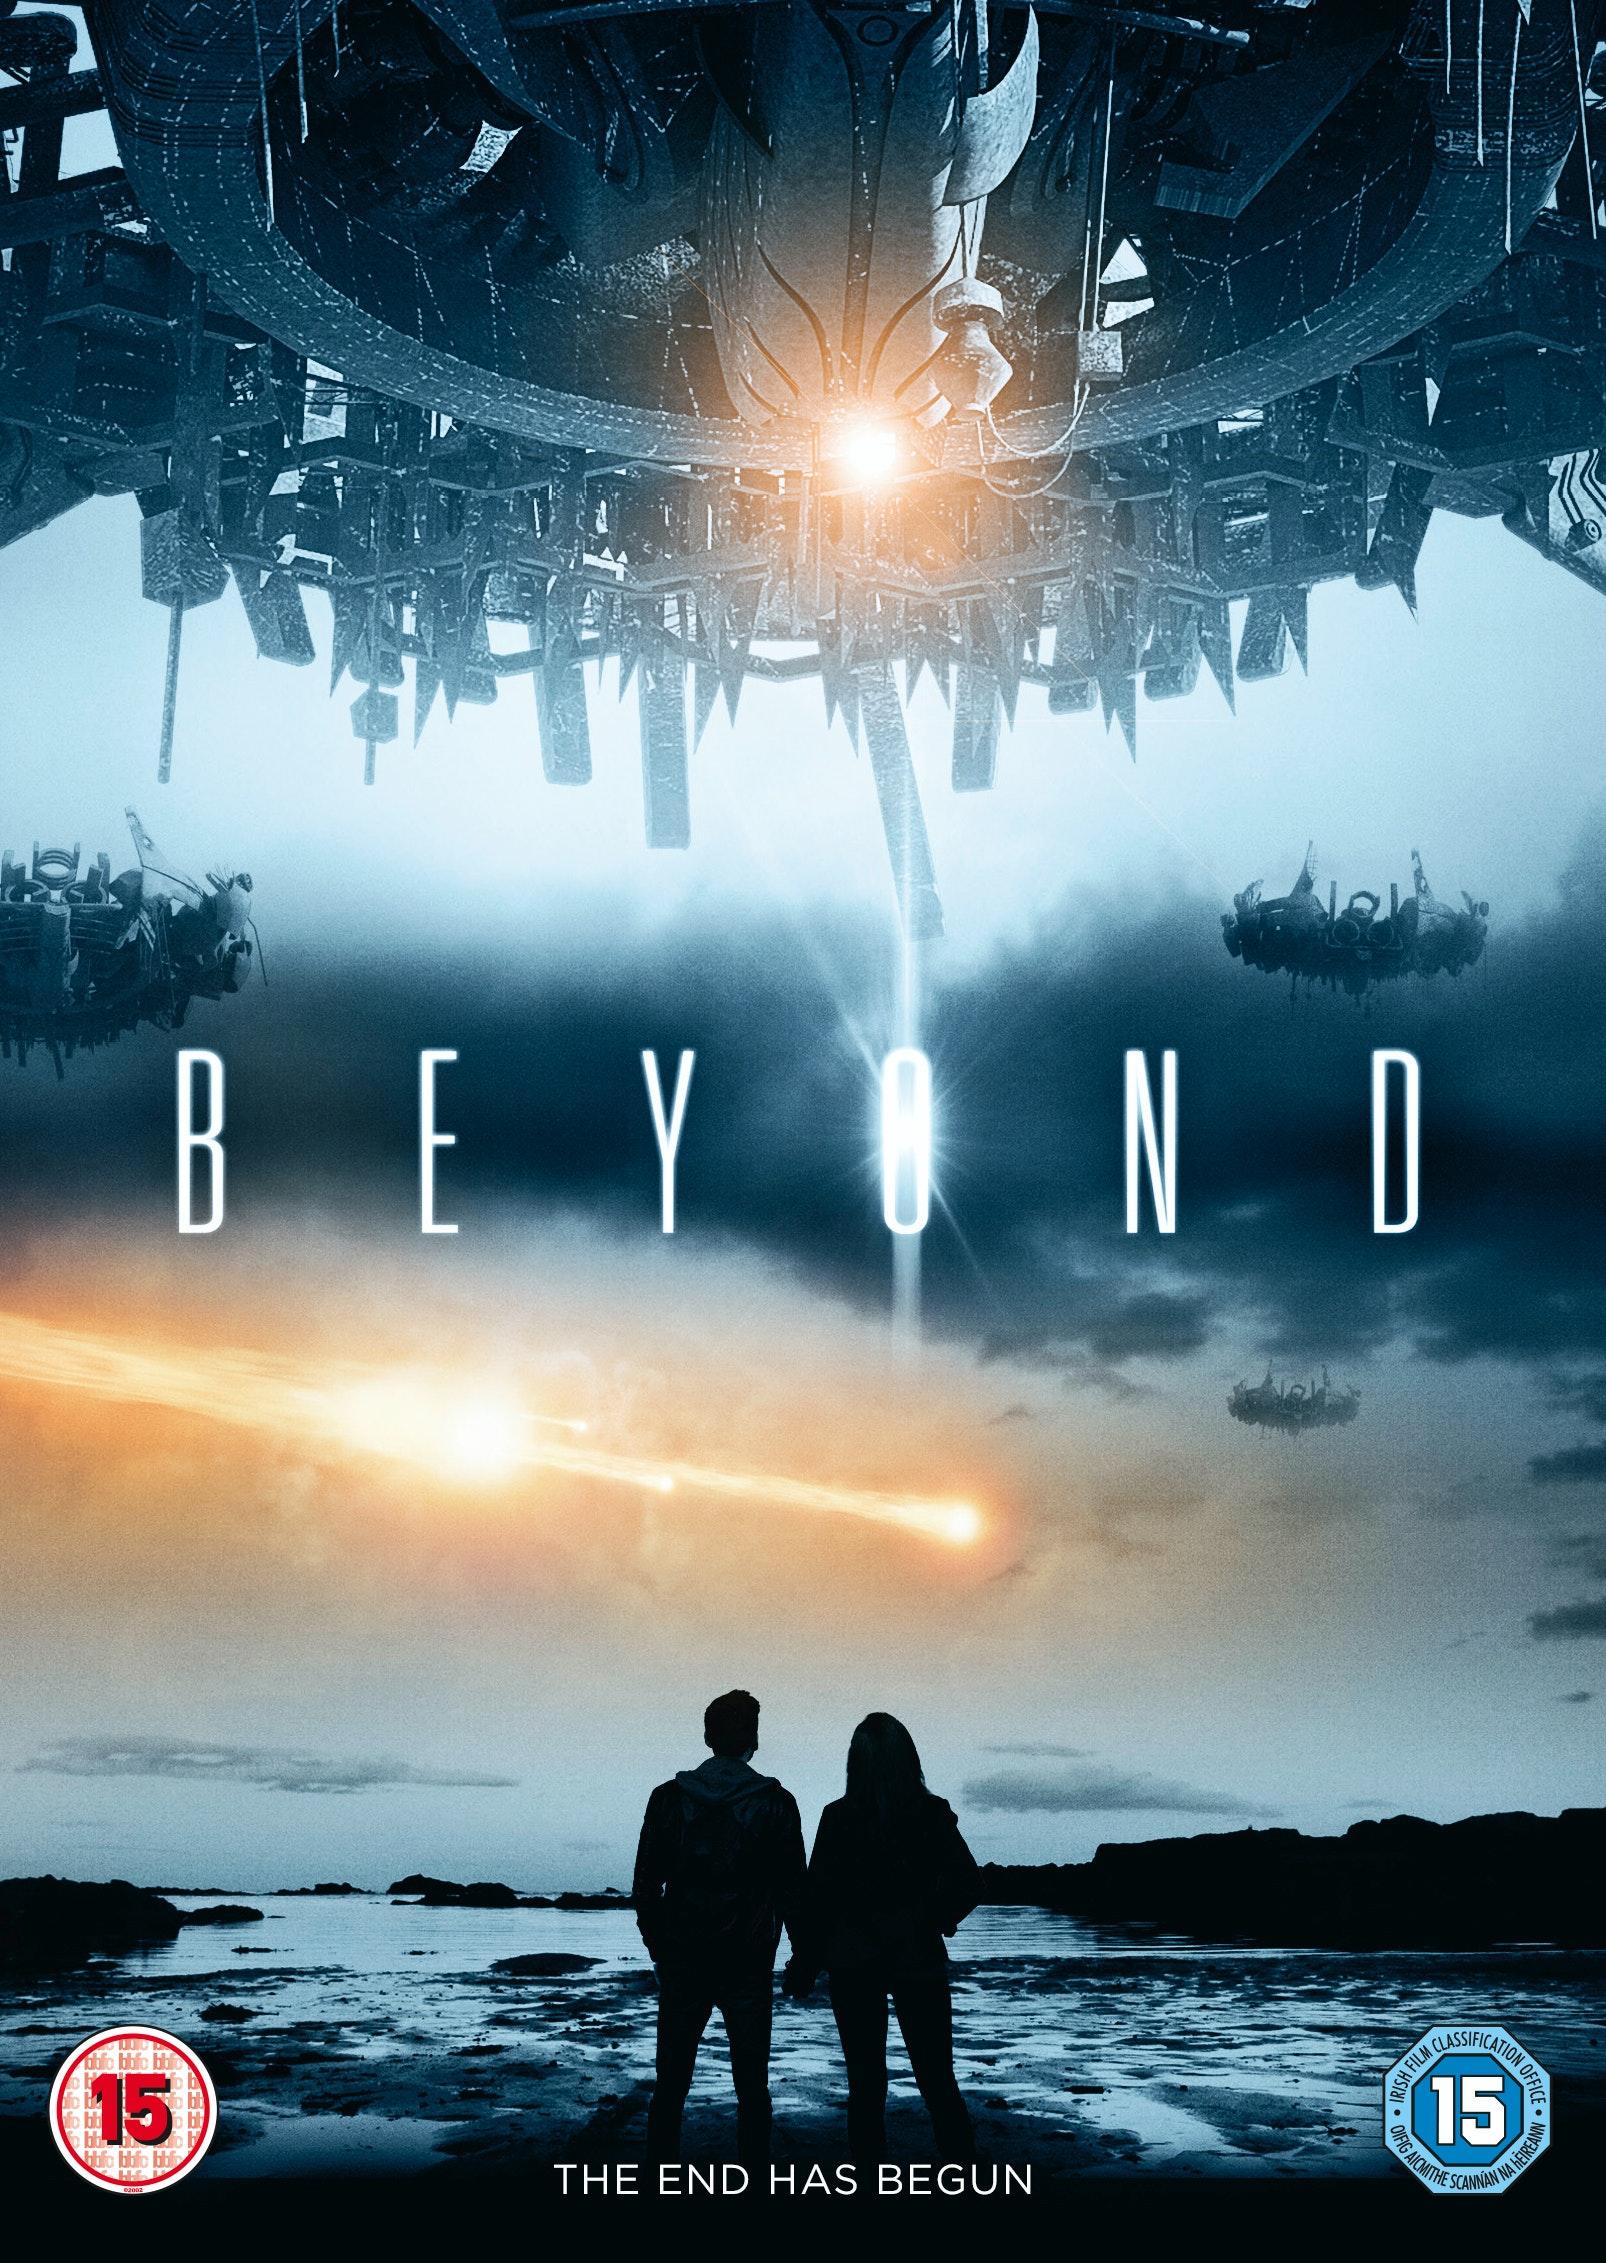 Beyond 2d dvd